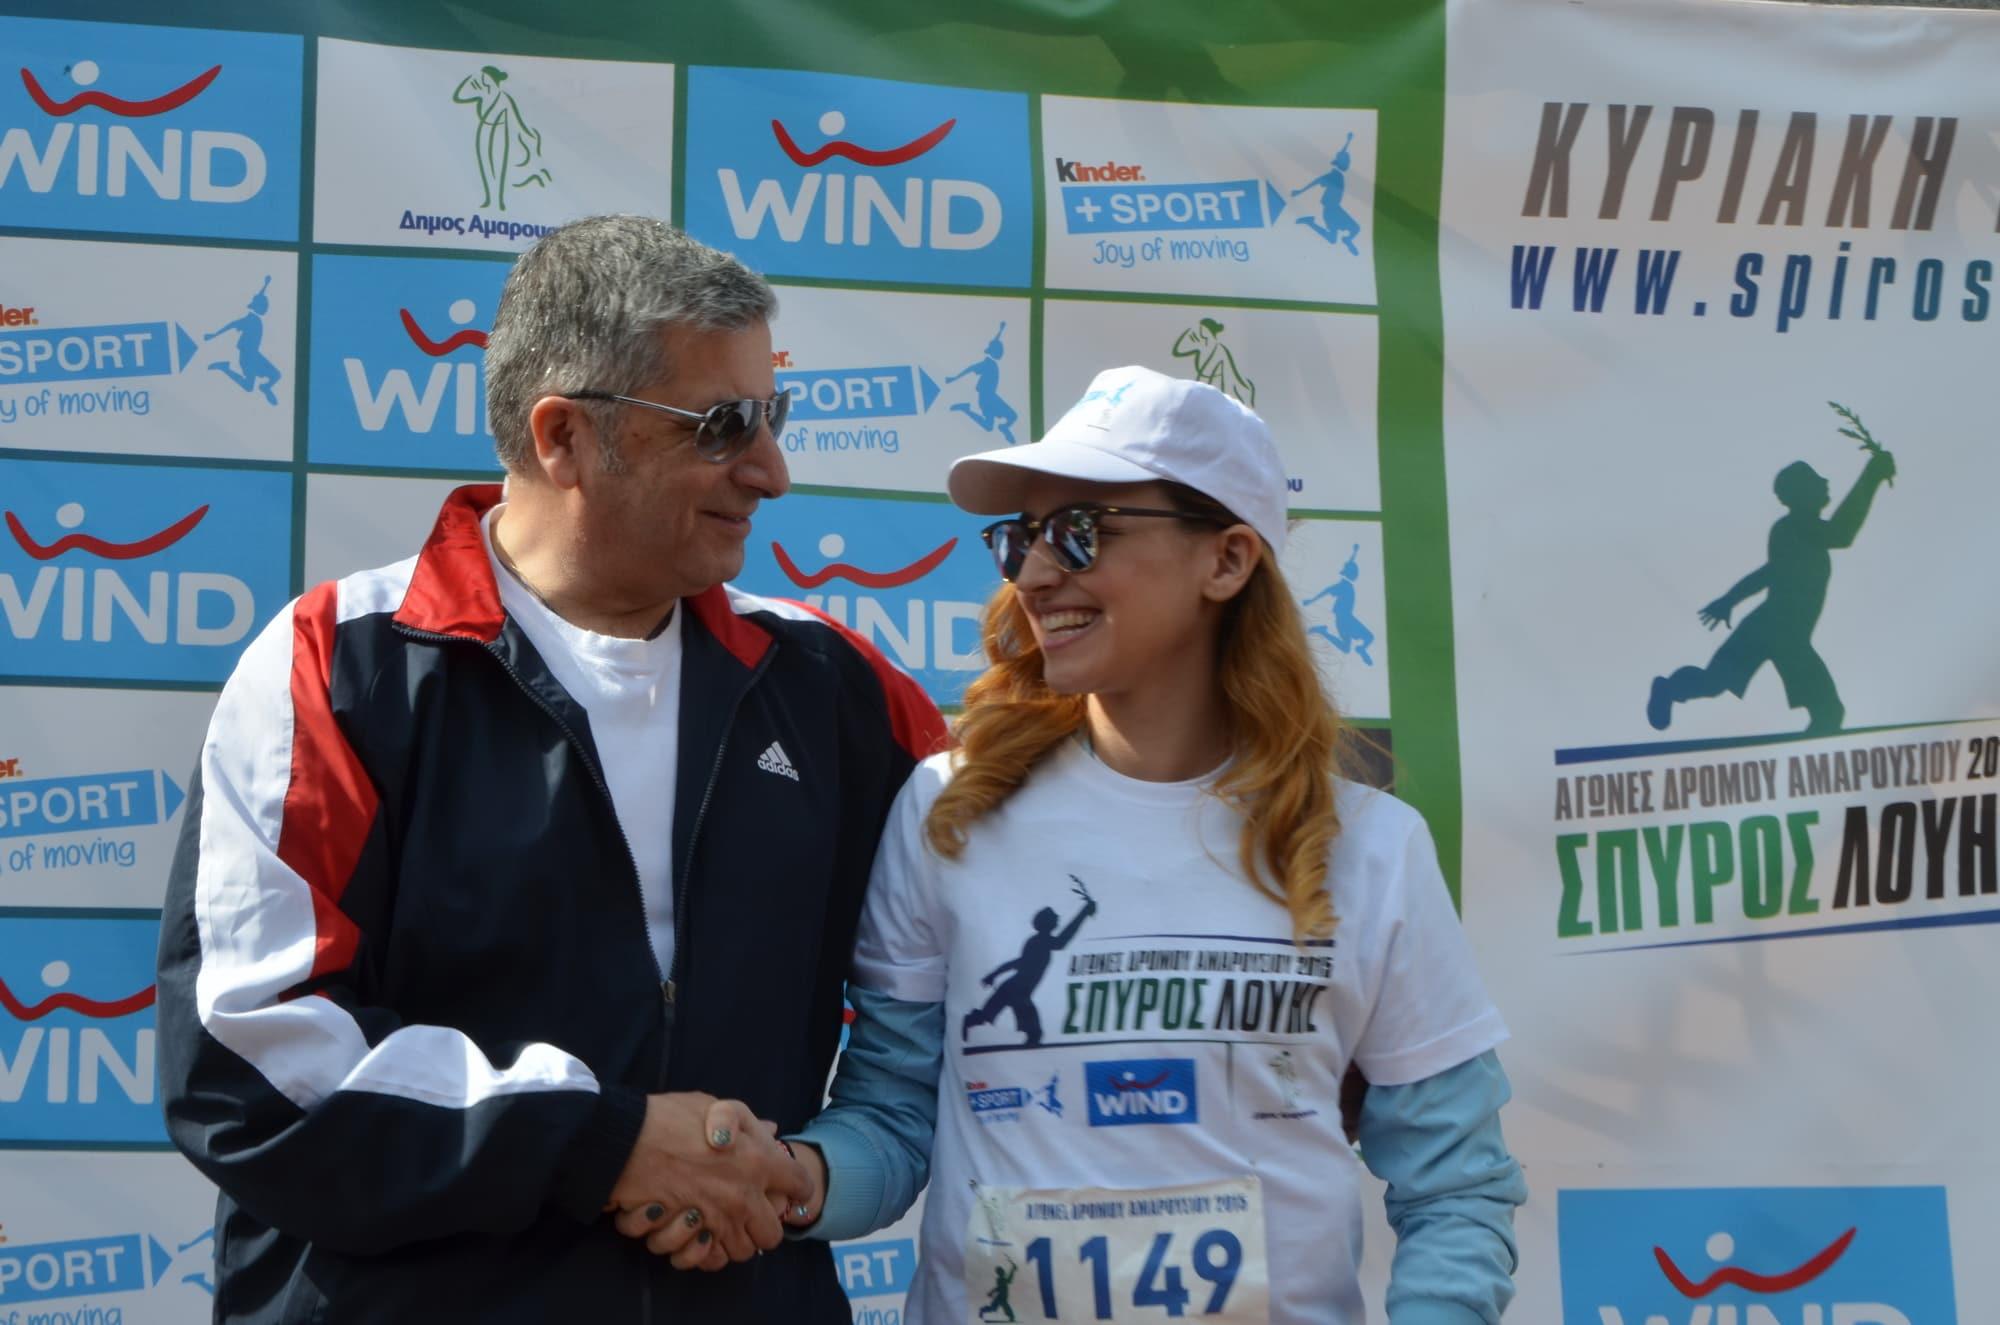 Το Kinder+Sport στηρίζει τον αθλητισμό  συμμετέχοντας δυναμικά στους Αγώνες Δρόμου «Σπύρος Λούης»